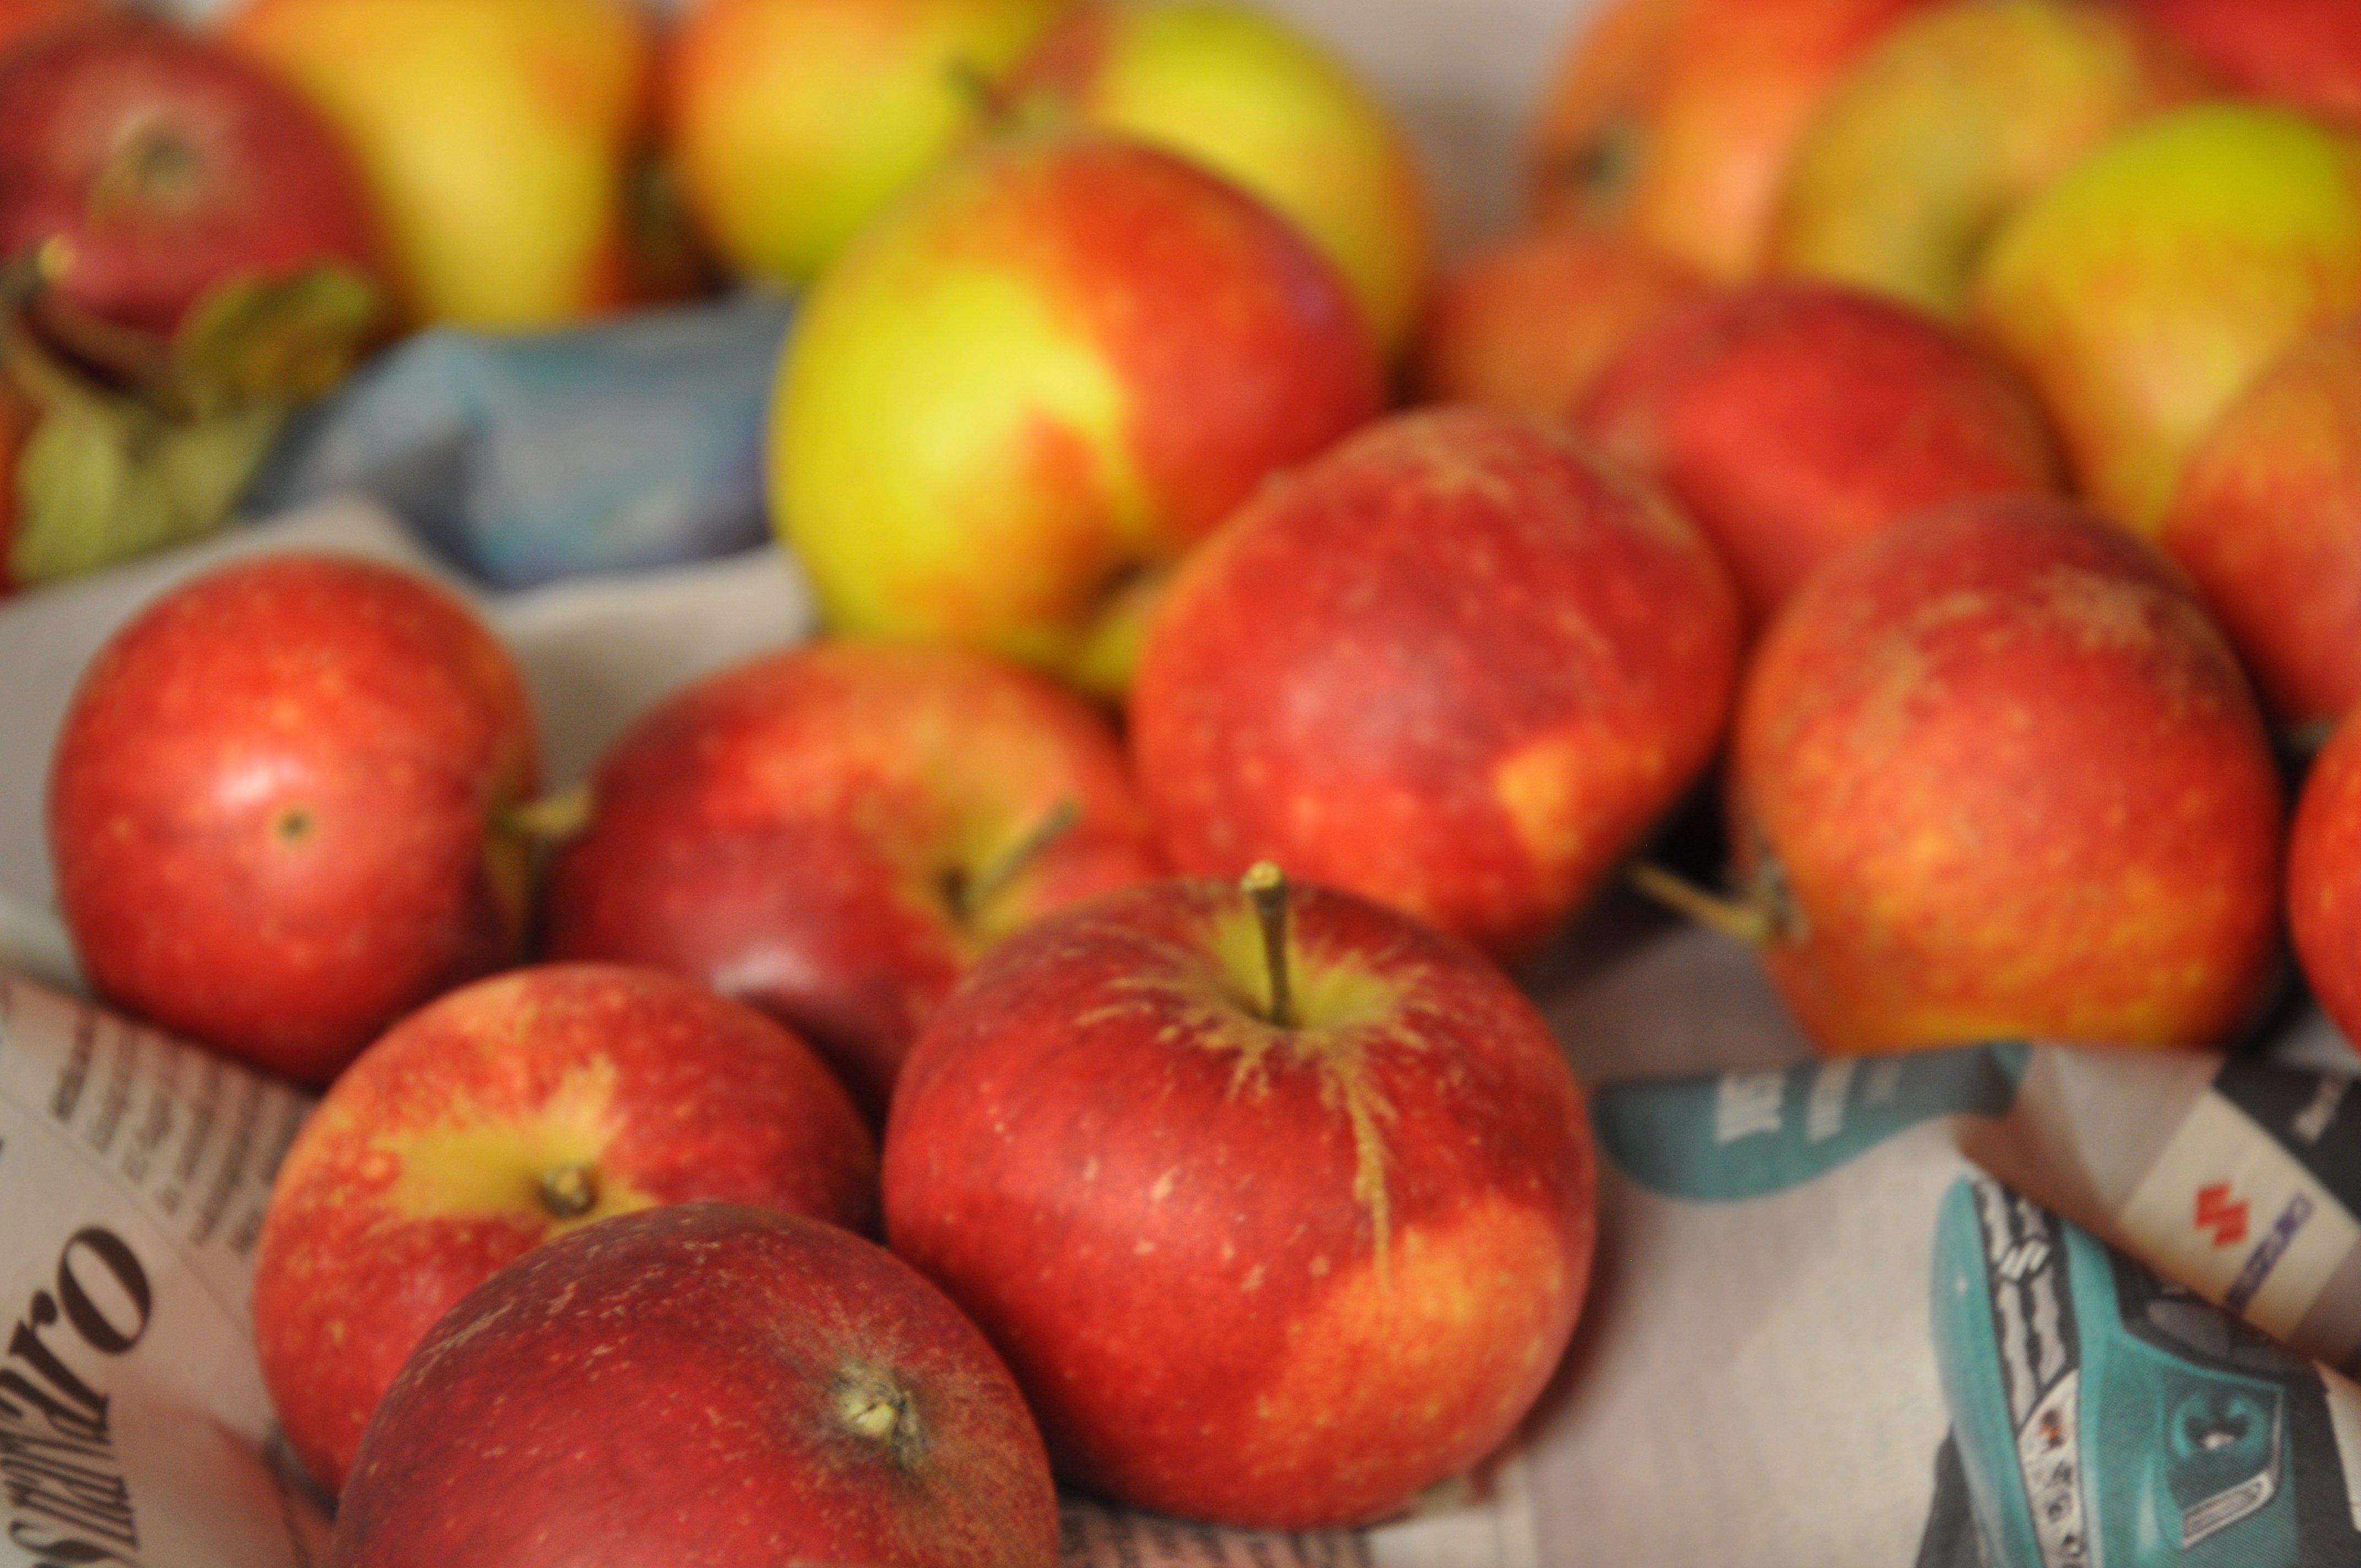 Bengt Berggren och Margareta Bergman sålde äpplen och valnötter från Hammar. Foto: Bengt Grönkvist